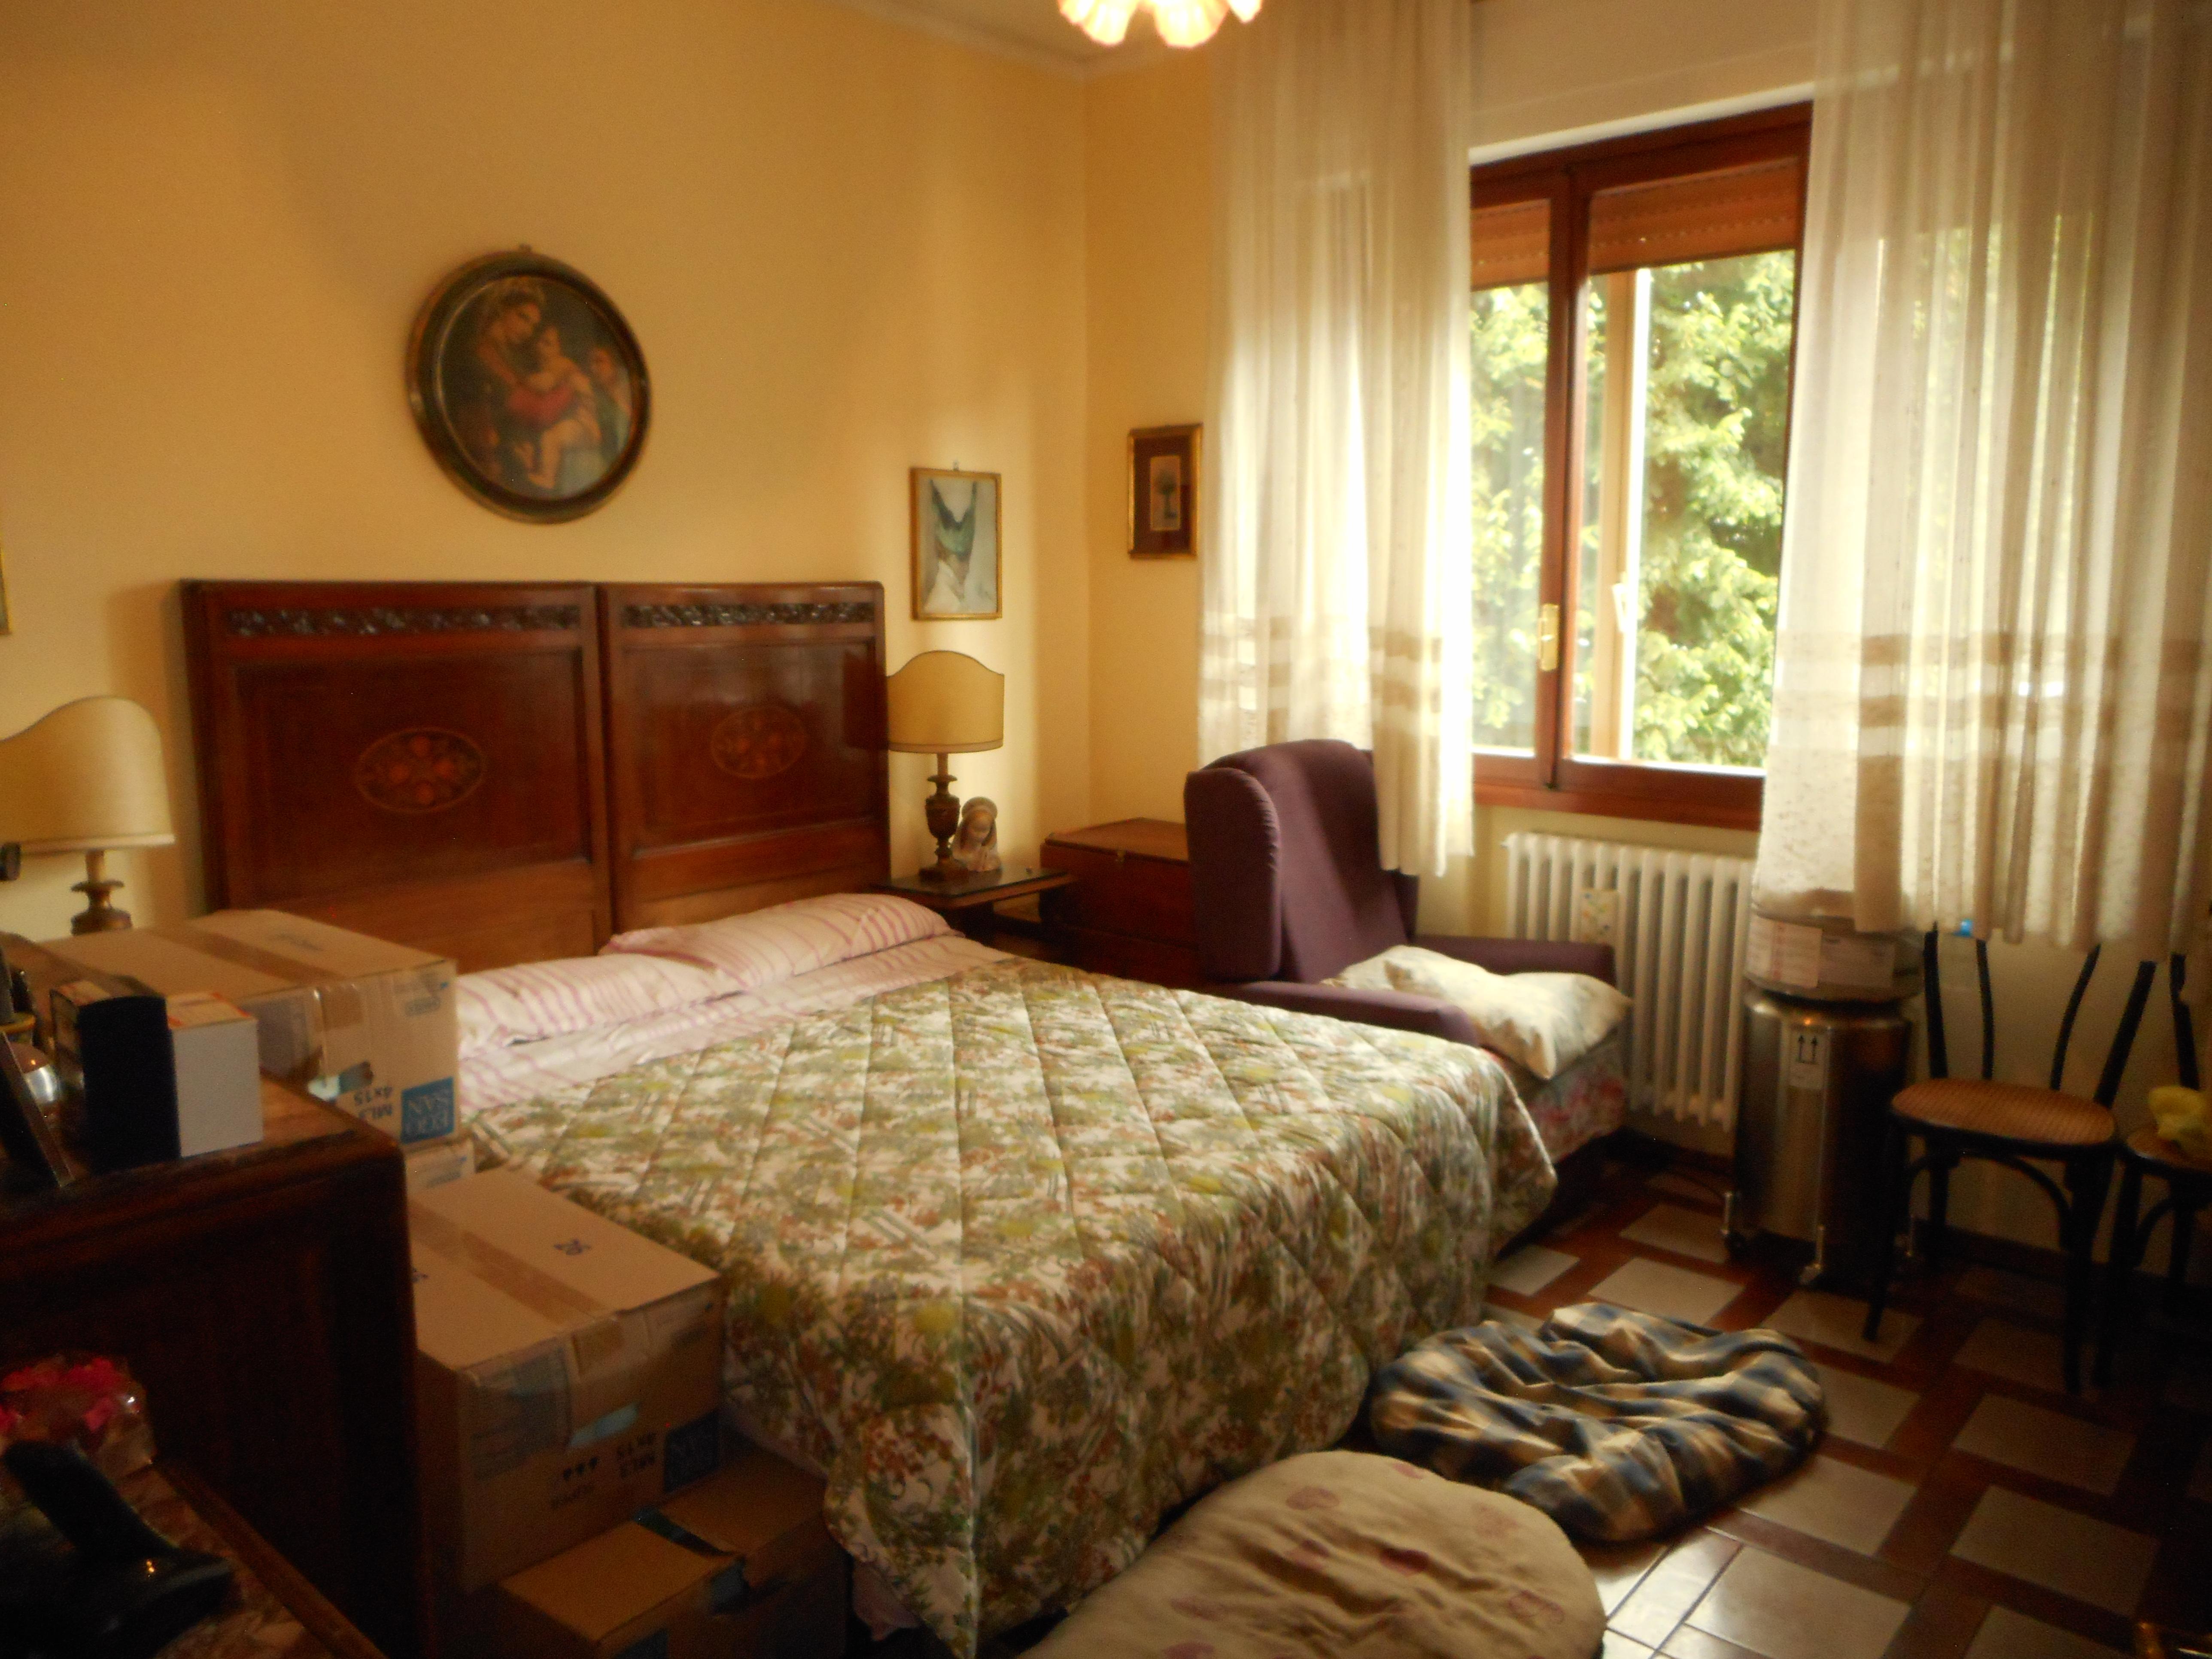 VIALE ADUA,PISTOIA,51100,3 Bedrooms Bedrooms,2 BathroomsBathrooms,Appartamento,VIALE ADUA,1230